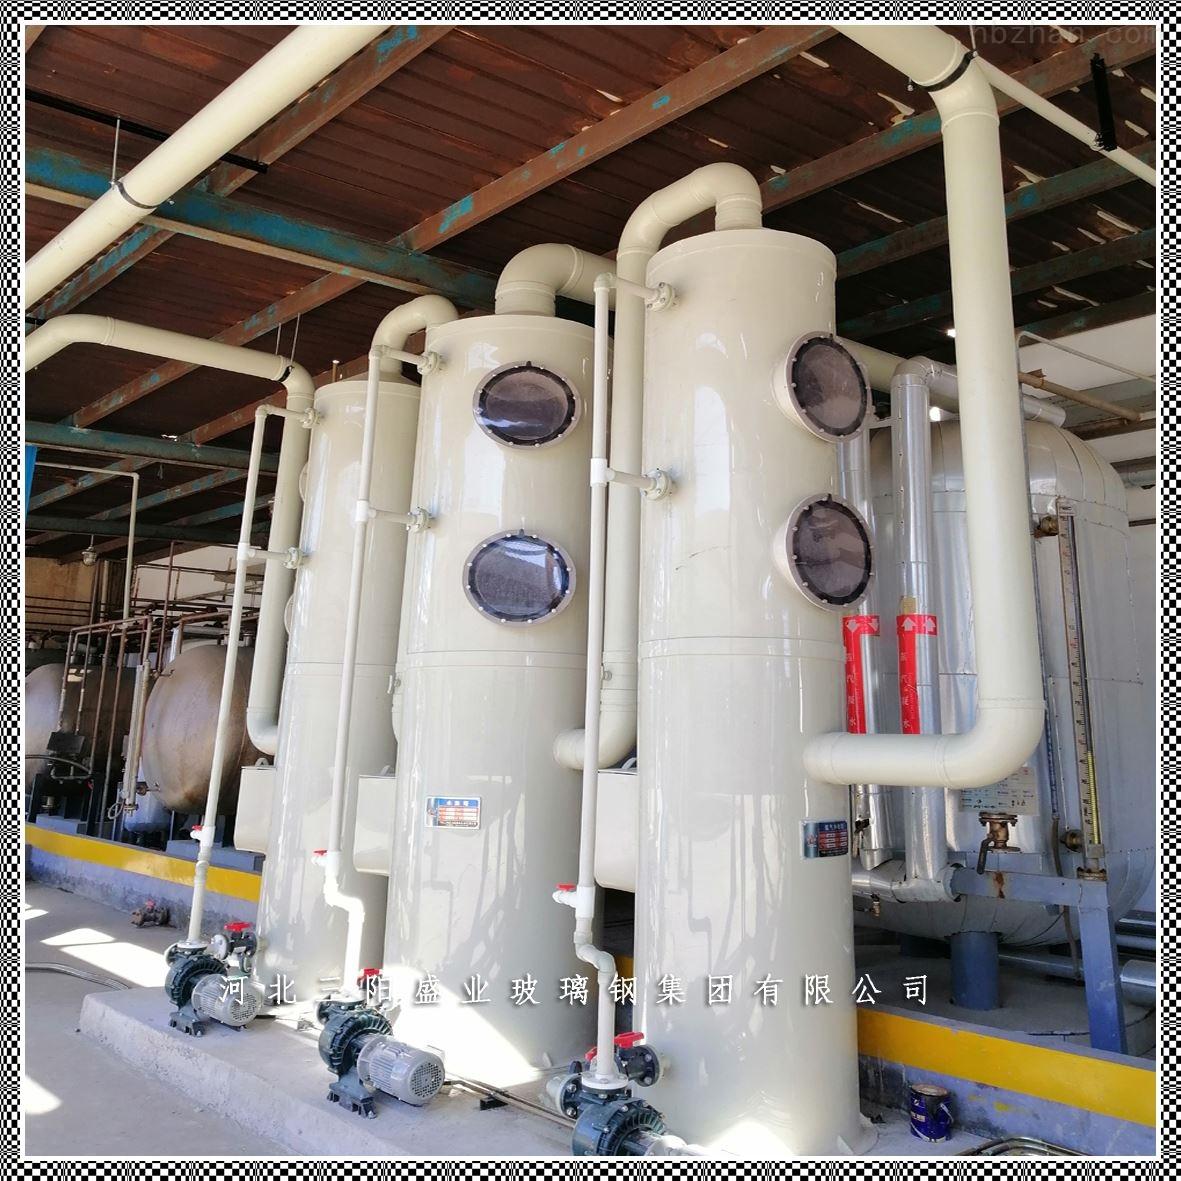 氮氧化物处理装置